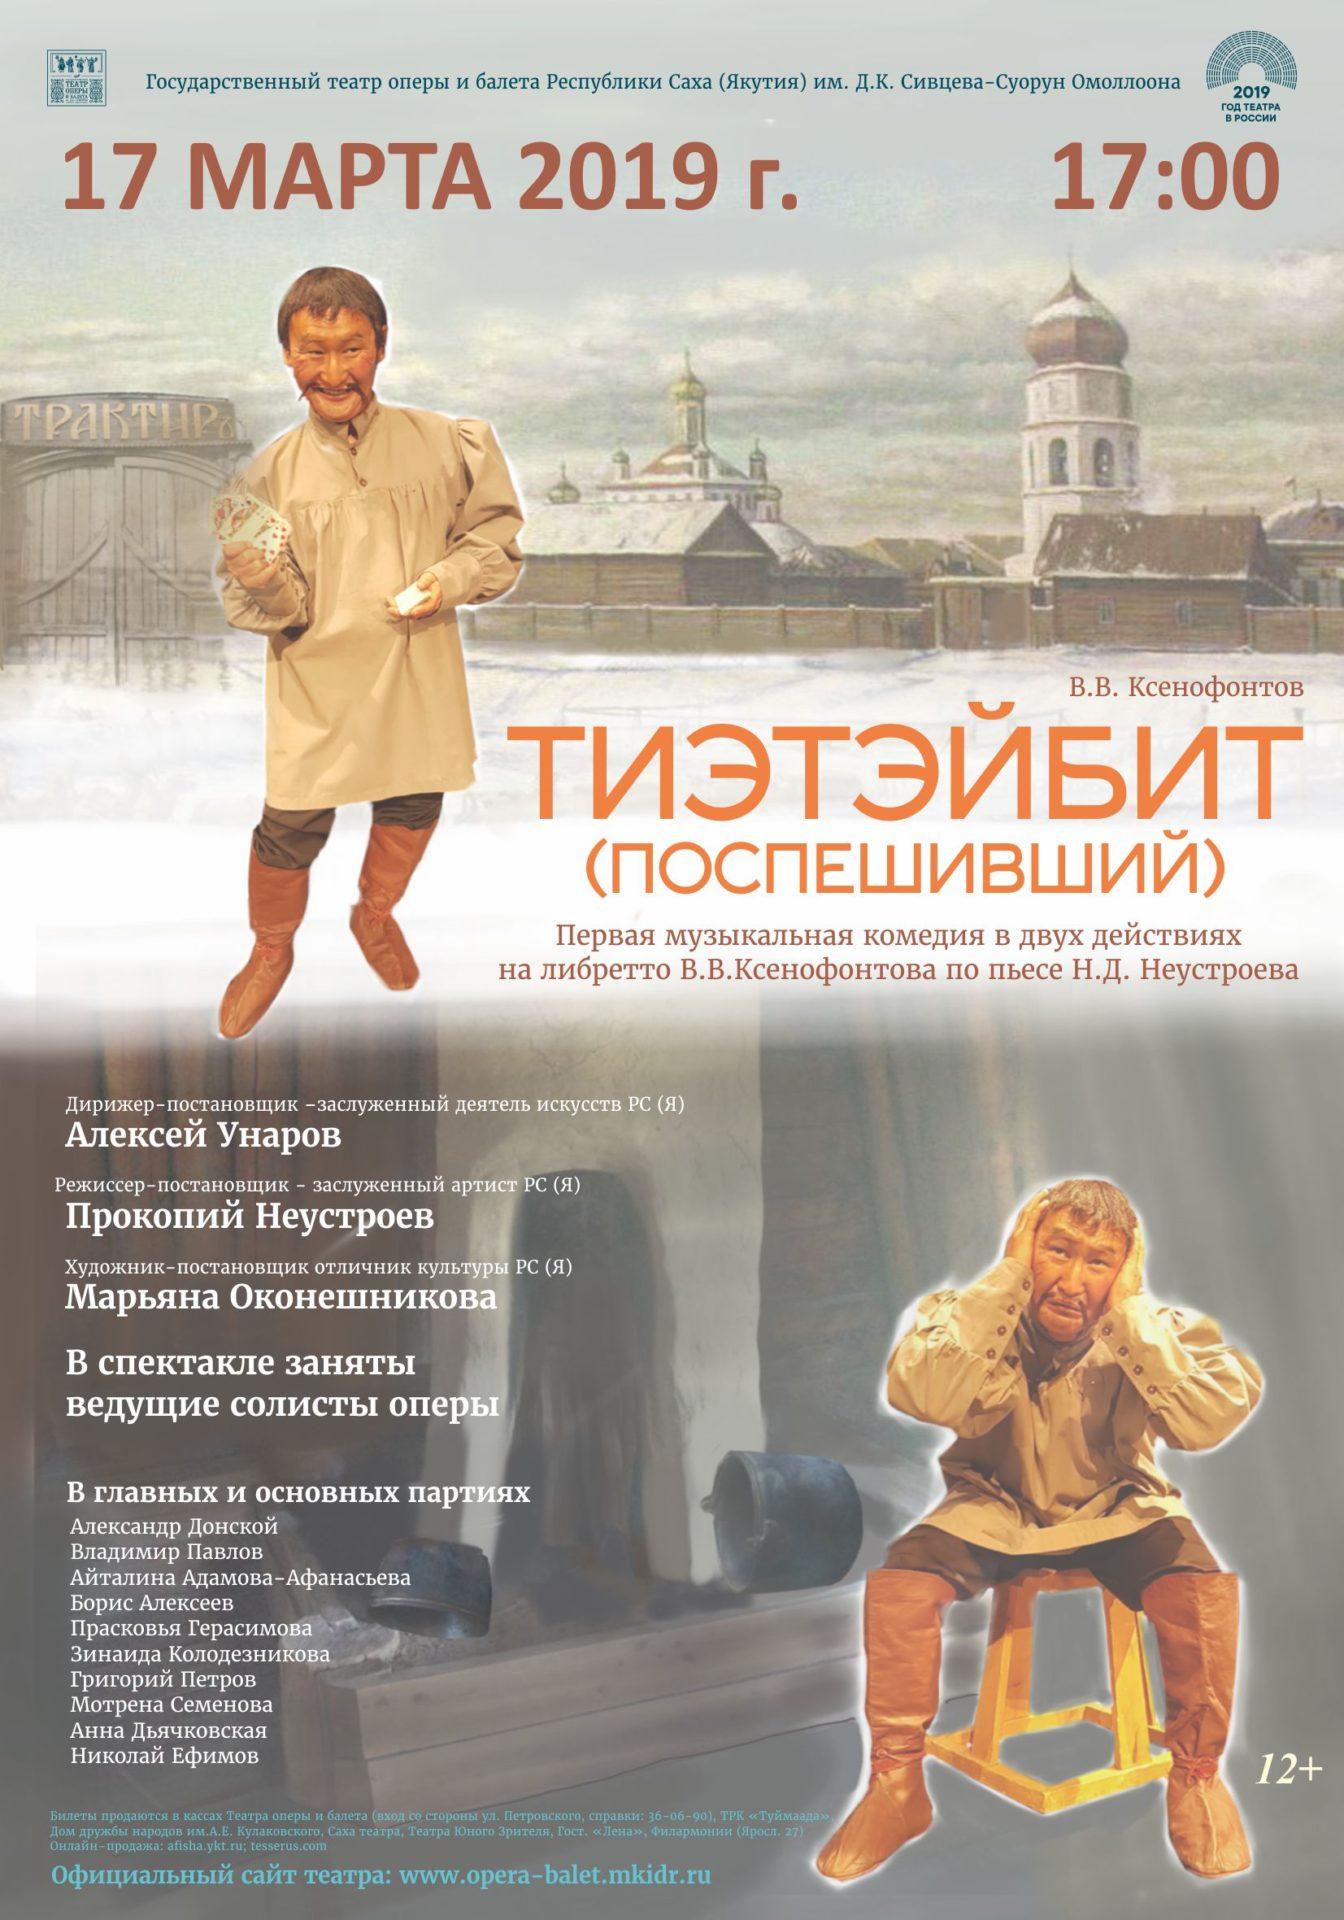 Государственный театр оперы и балета им. Суоруна Омоллоона приглашает на показ первой якутской музыкальной комедии «Тиэтэйбит» Н.Д. Неустроева